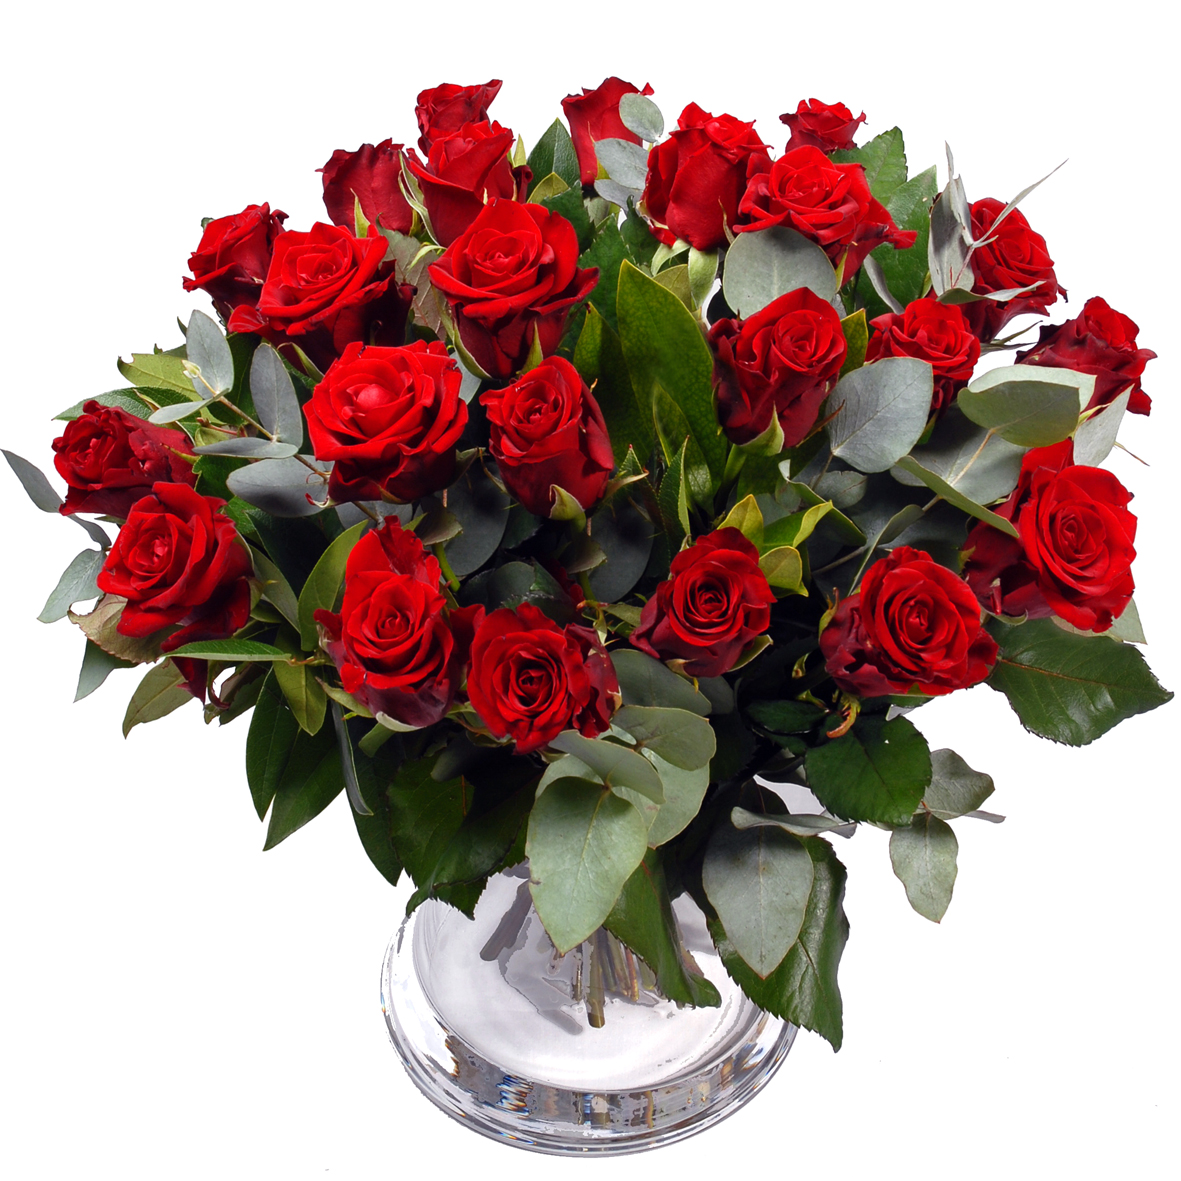 Boeket buitenland rode rozen